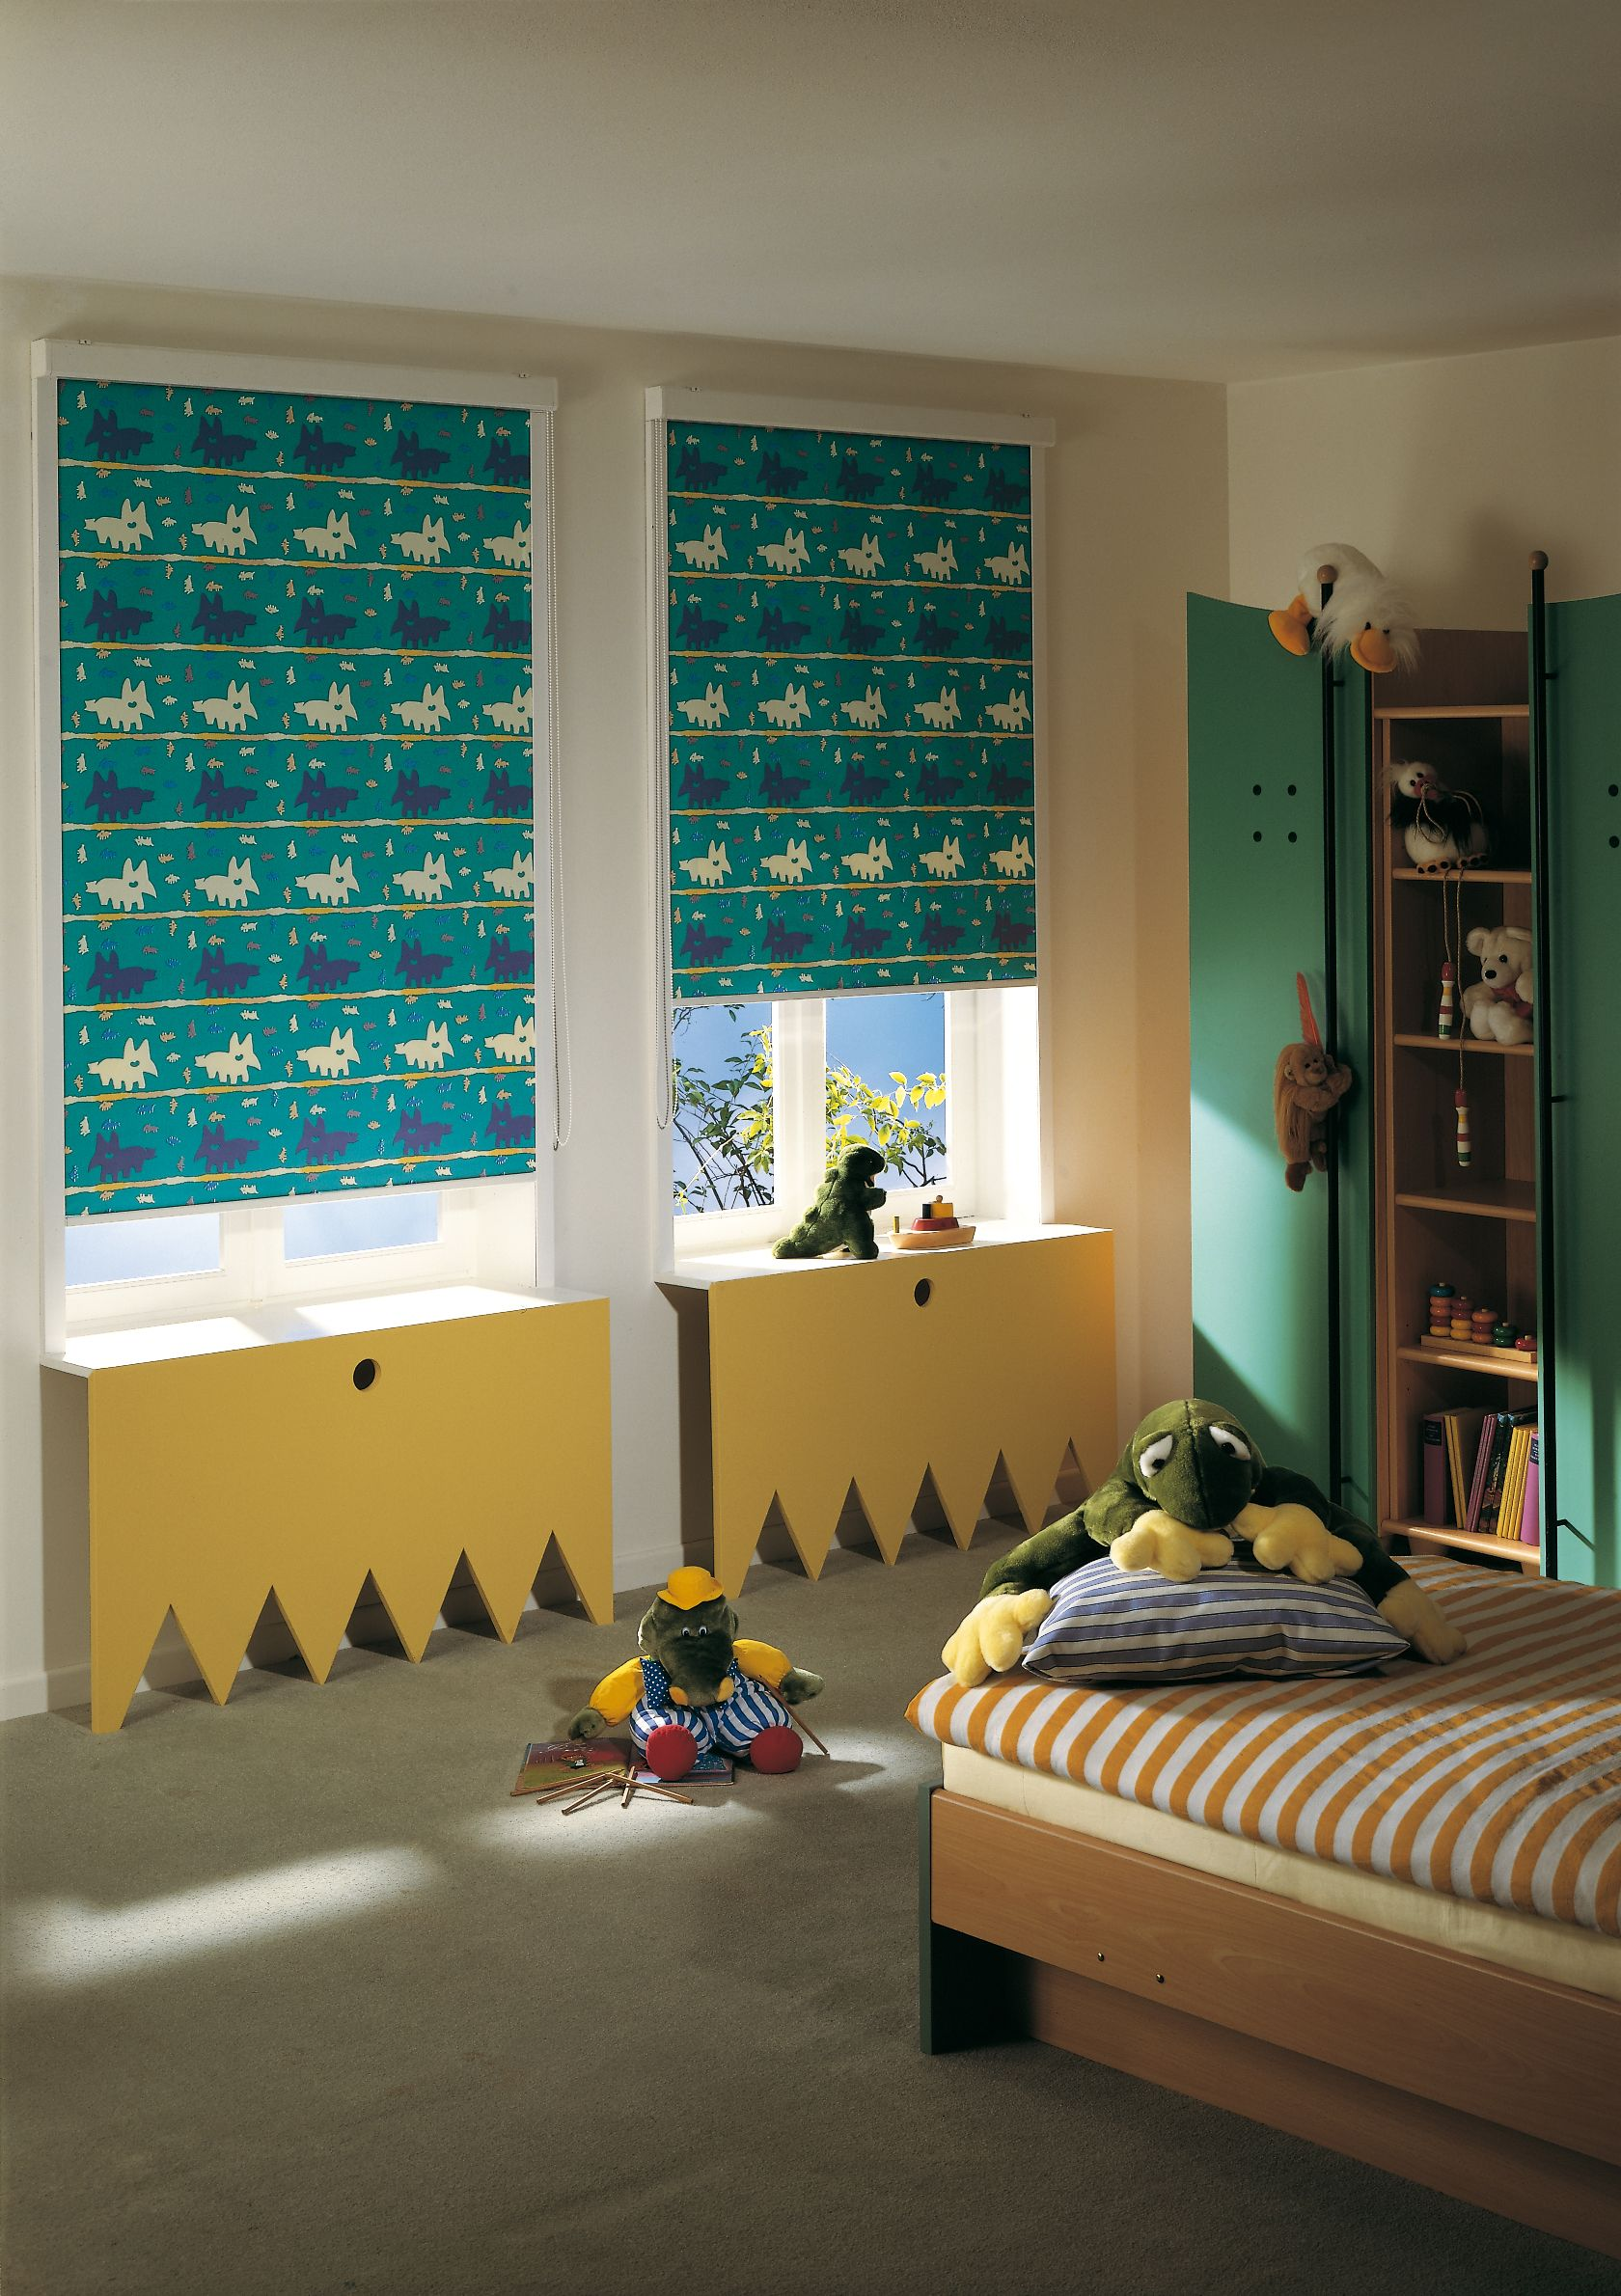 Full Size of Verdunkelungsrollo Kinderzimmer Regal Weiß Regale Sofa Kinderzimmer Verdunkelungsrollo Kinderzimmer